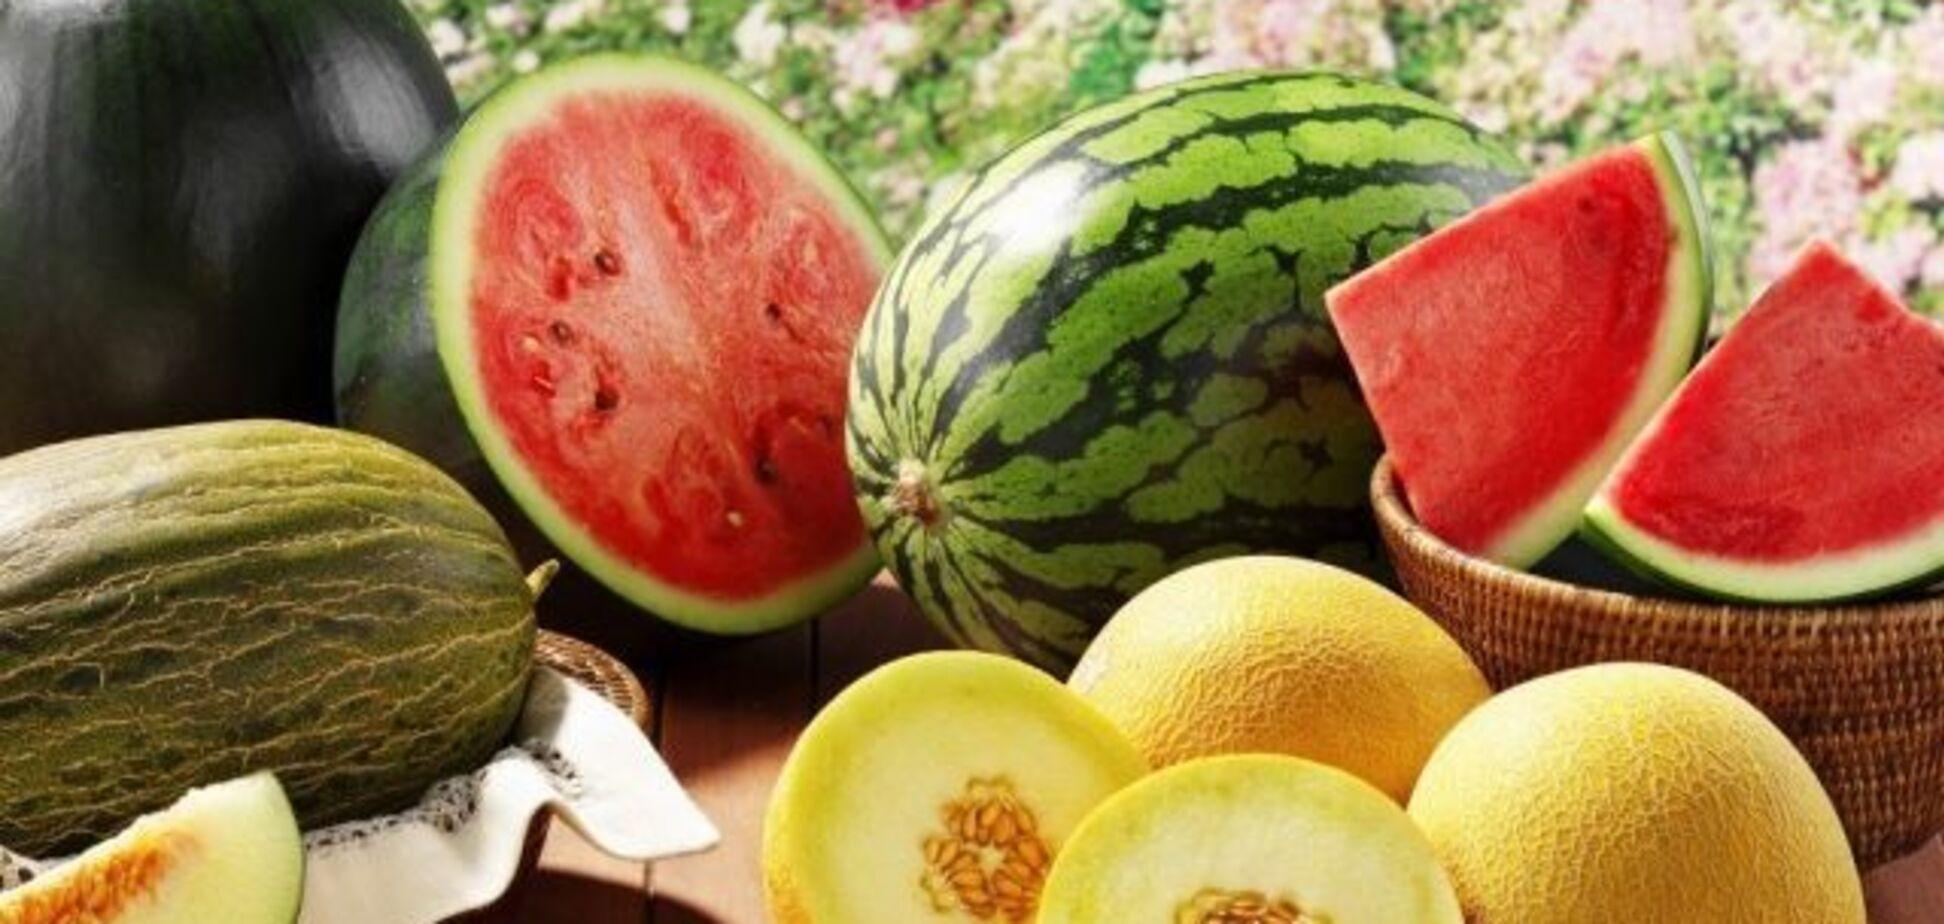 Результат шокировал: в Украине продукты проверили на нитраты